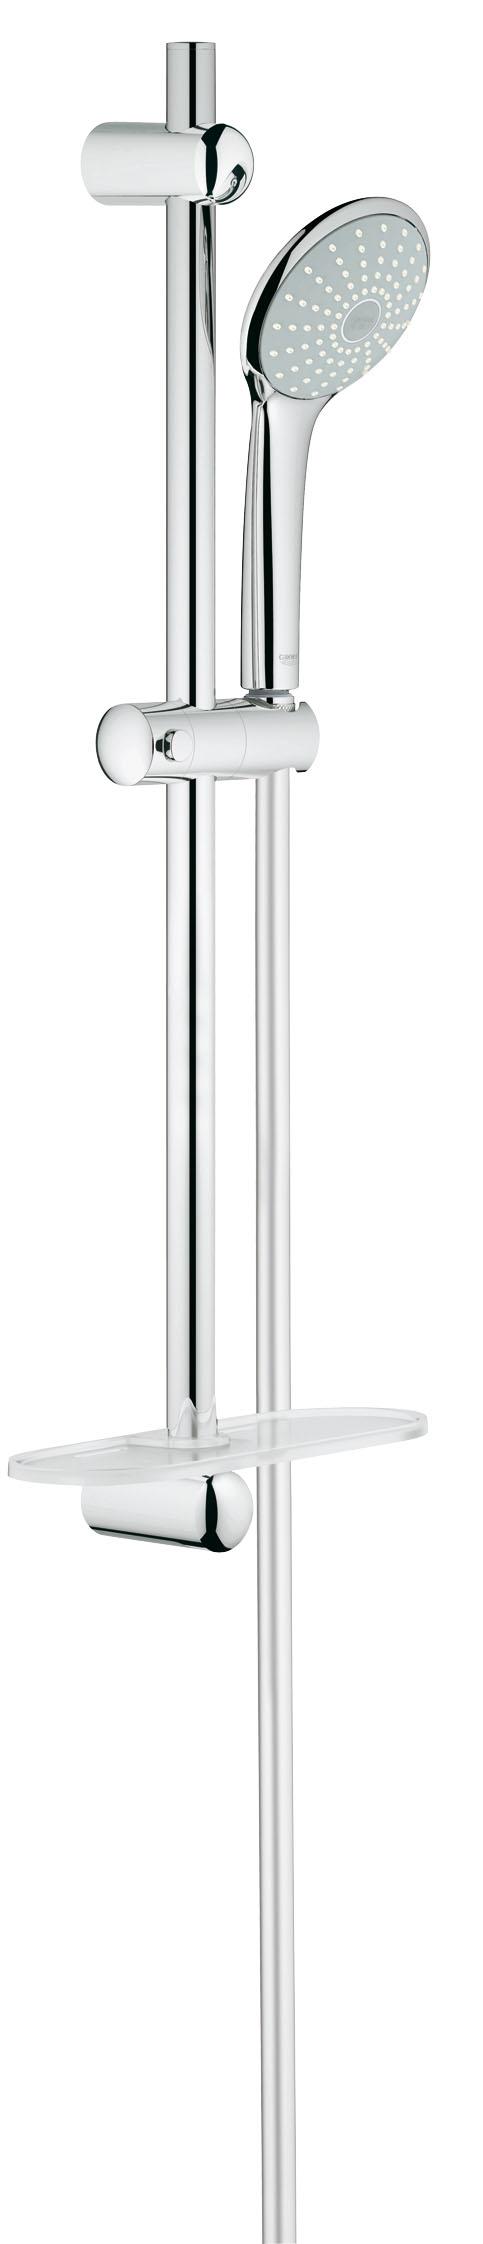 Душевой комплект GROHE Euphoria, штанга 600мм. (27266001)BL505Включает в себя: Ручной душ Mono (27 265) Душевая штанга, 600 мм (27 499 000) GROHE QuickFix(регулируемое расстояние между настенными креплениями штанги позволяет использовать для монтажа уже имеющиеся отверстия в стене) Душевой шланг 1750 мм (28 388 000) Полочка GROHE EasyReach™(27 596 000) GROHE DreamSpray превосходный поток воды GROHE StarLight хромированная поверхностьС системой SpeedClean против известковых отложений Внутренний охлаждающий канал для продолжительного срока службы Twistfree против перекручивания шлангаВидео по установке является исключительно информационным. Установка должна проводиться профессионалами!